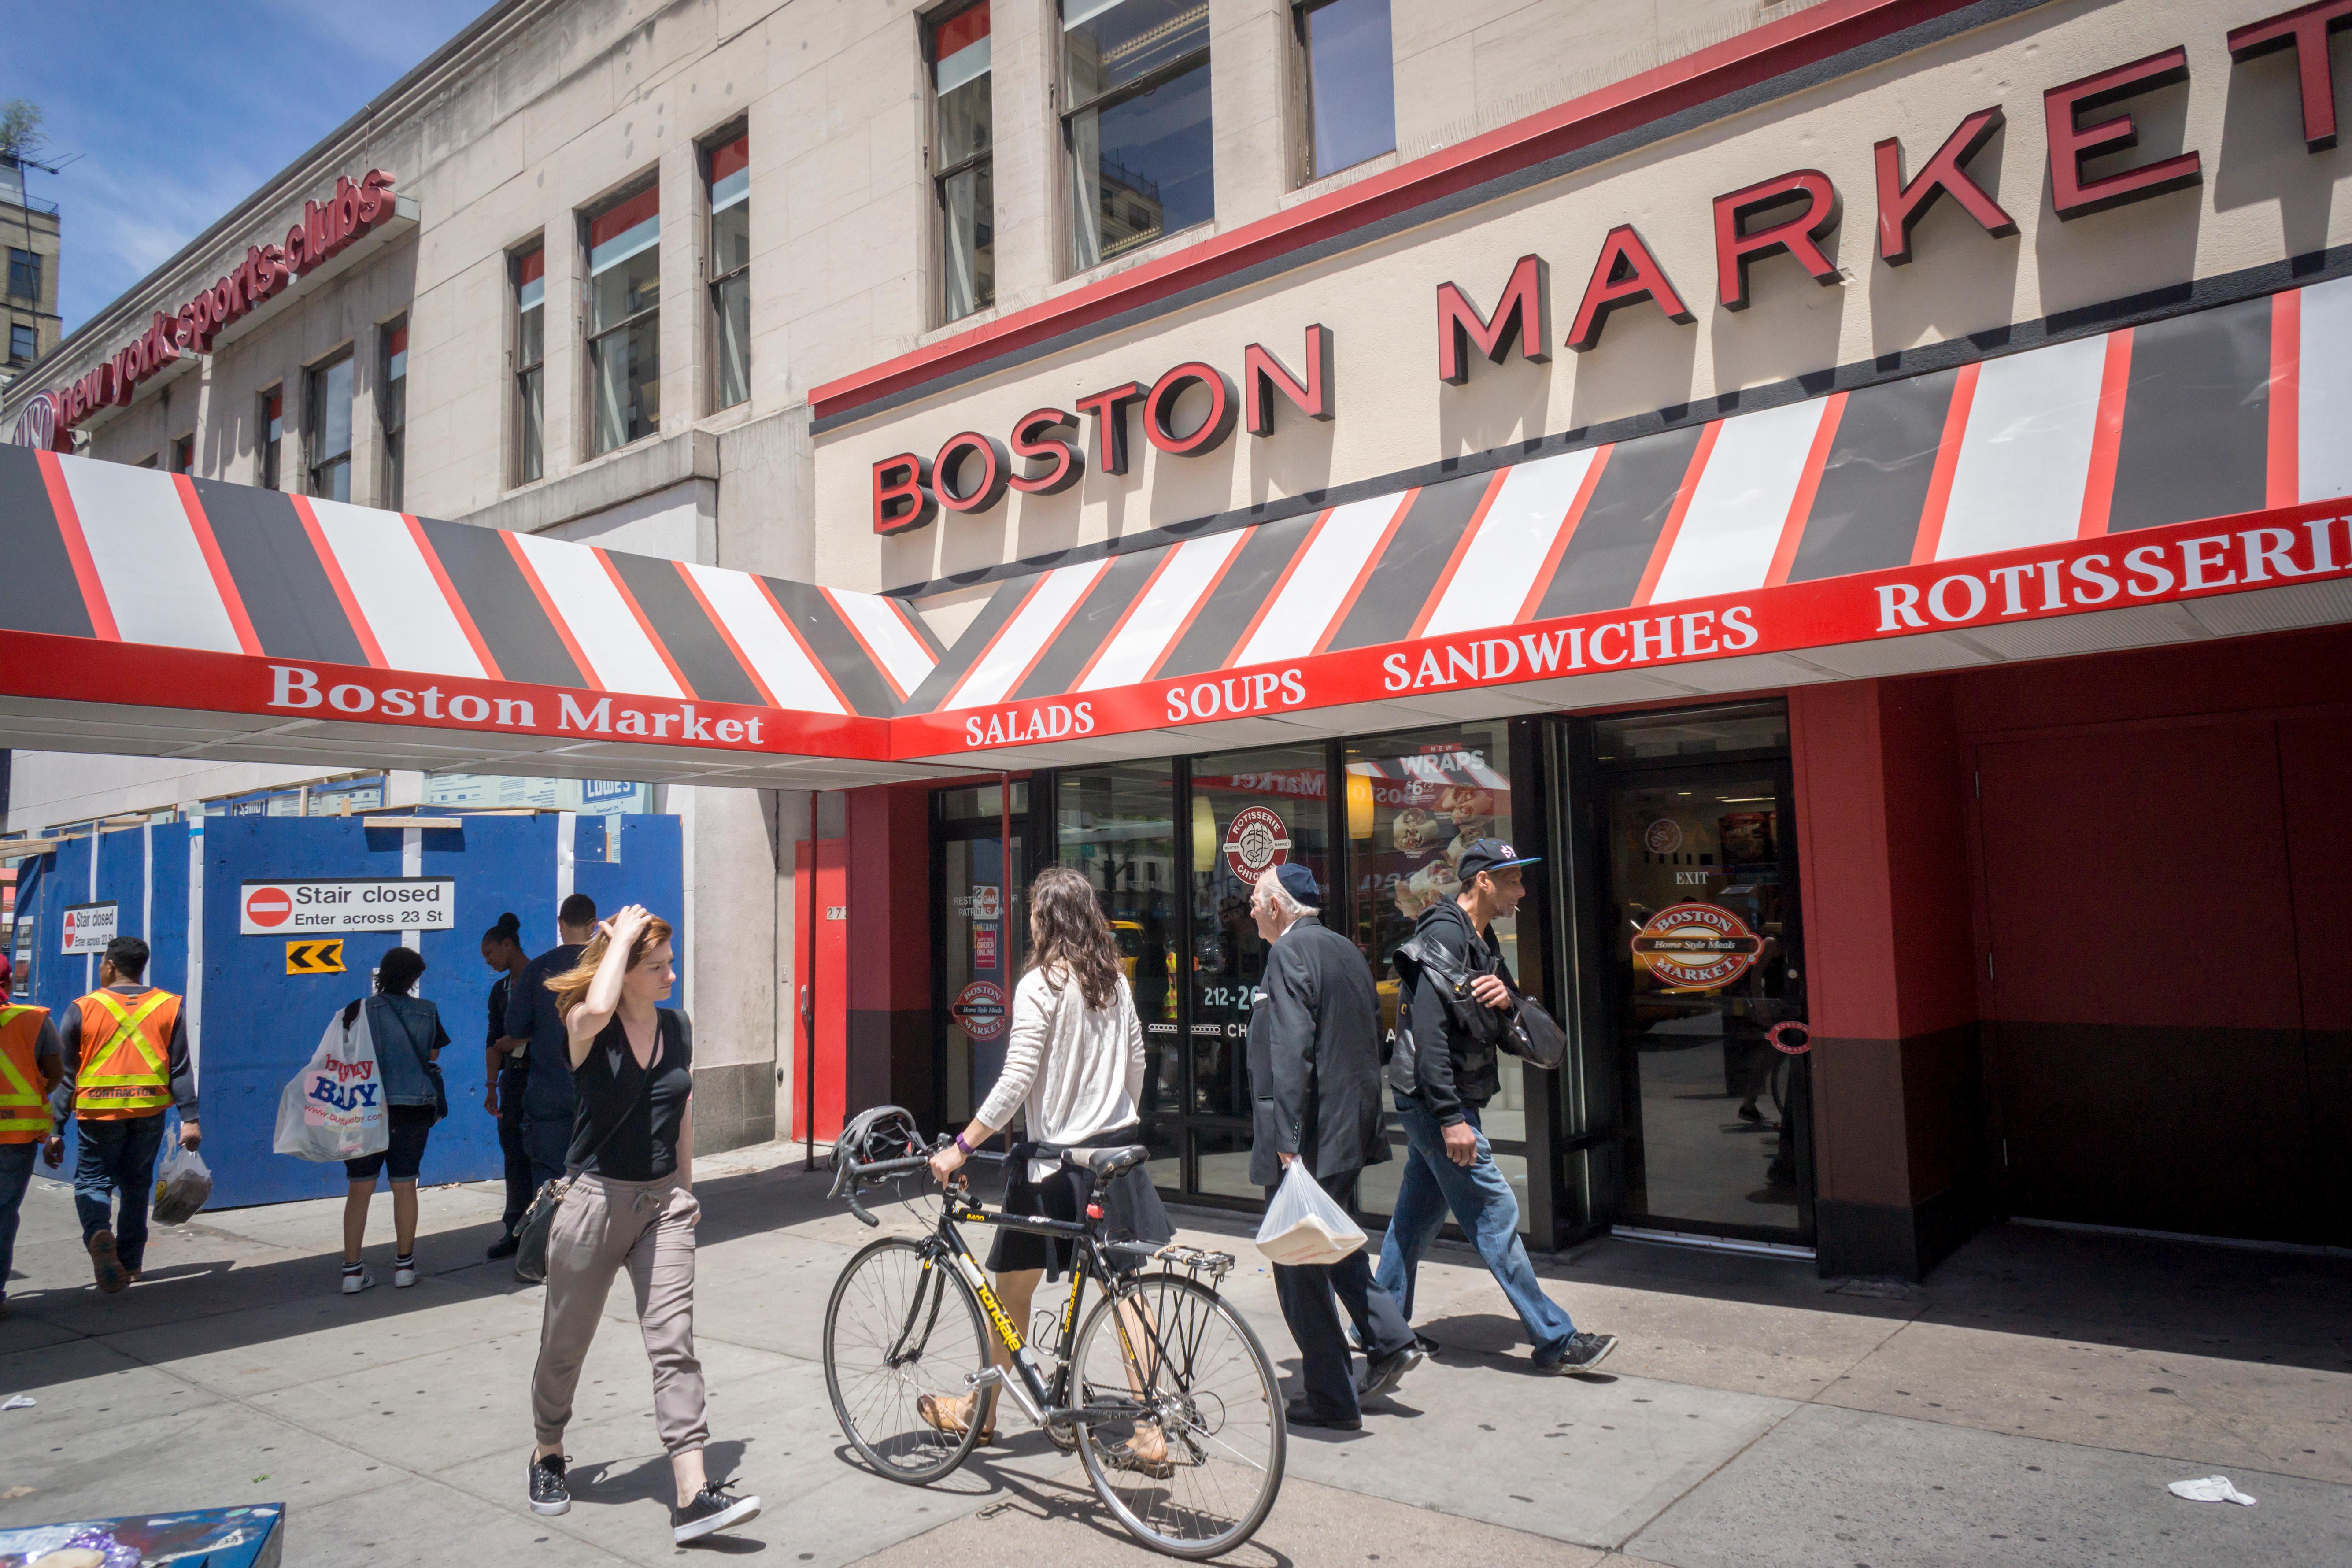 Boston Market Easter Dinner  Restaurants Open on Easter 2018 With Brunch Dinner Deals